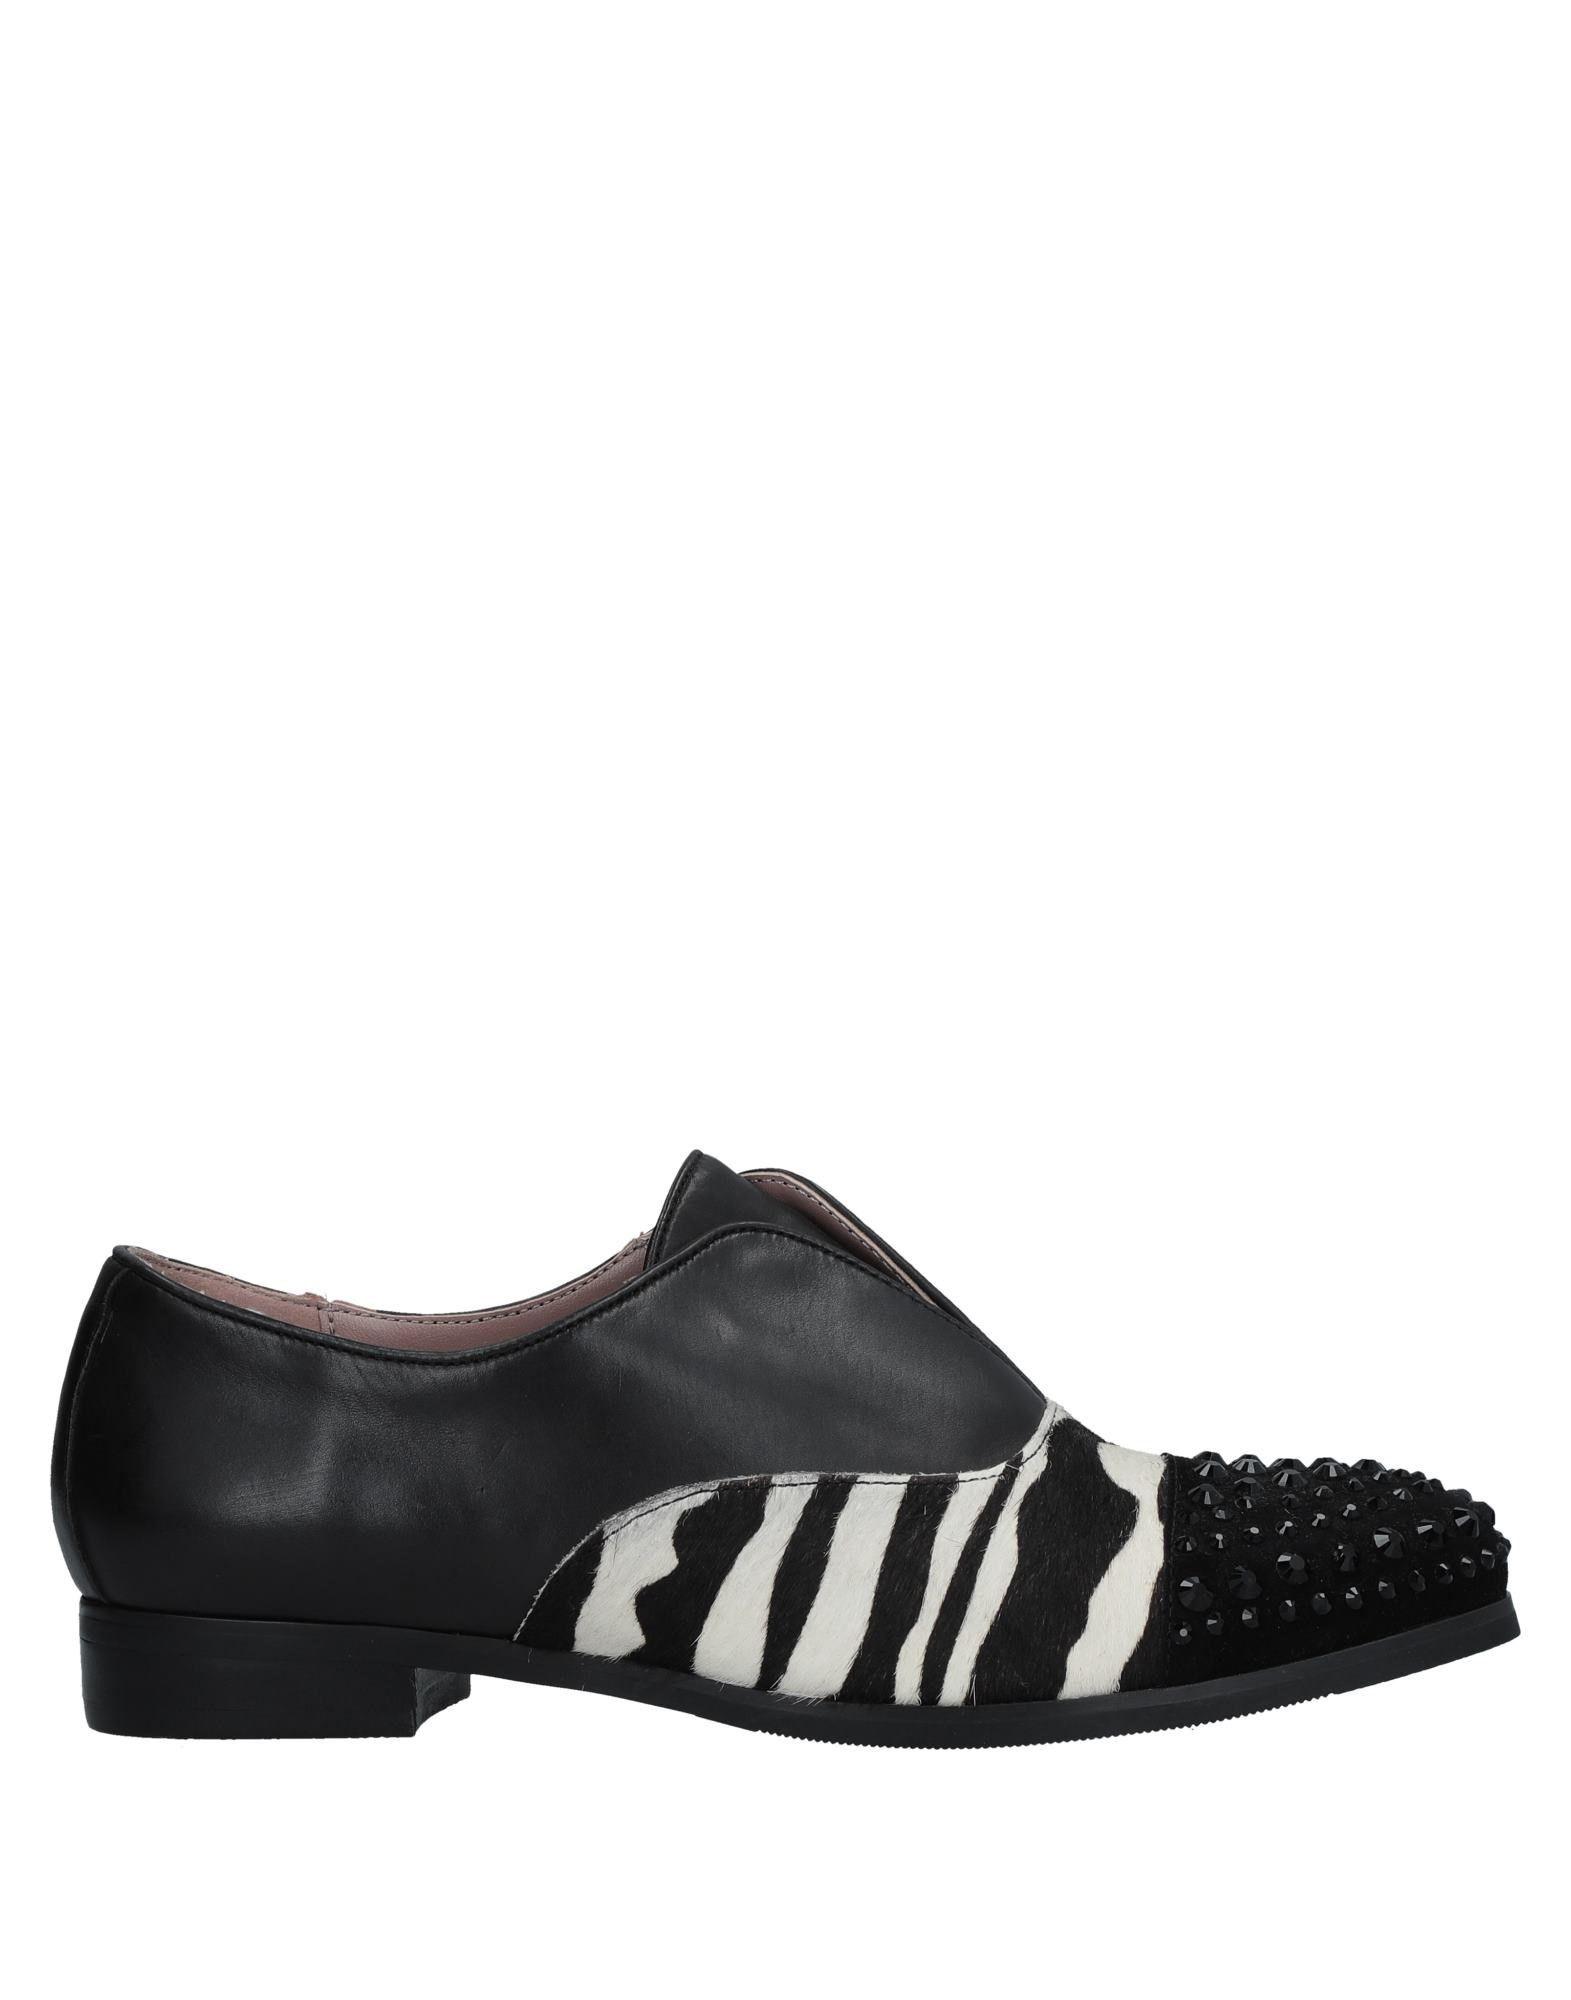 Holly Queen Mokassins Damen  11527397XT Gute Qualität beliebte Schuhe